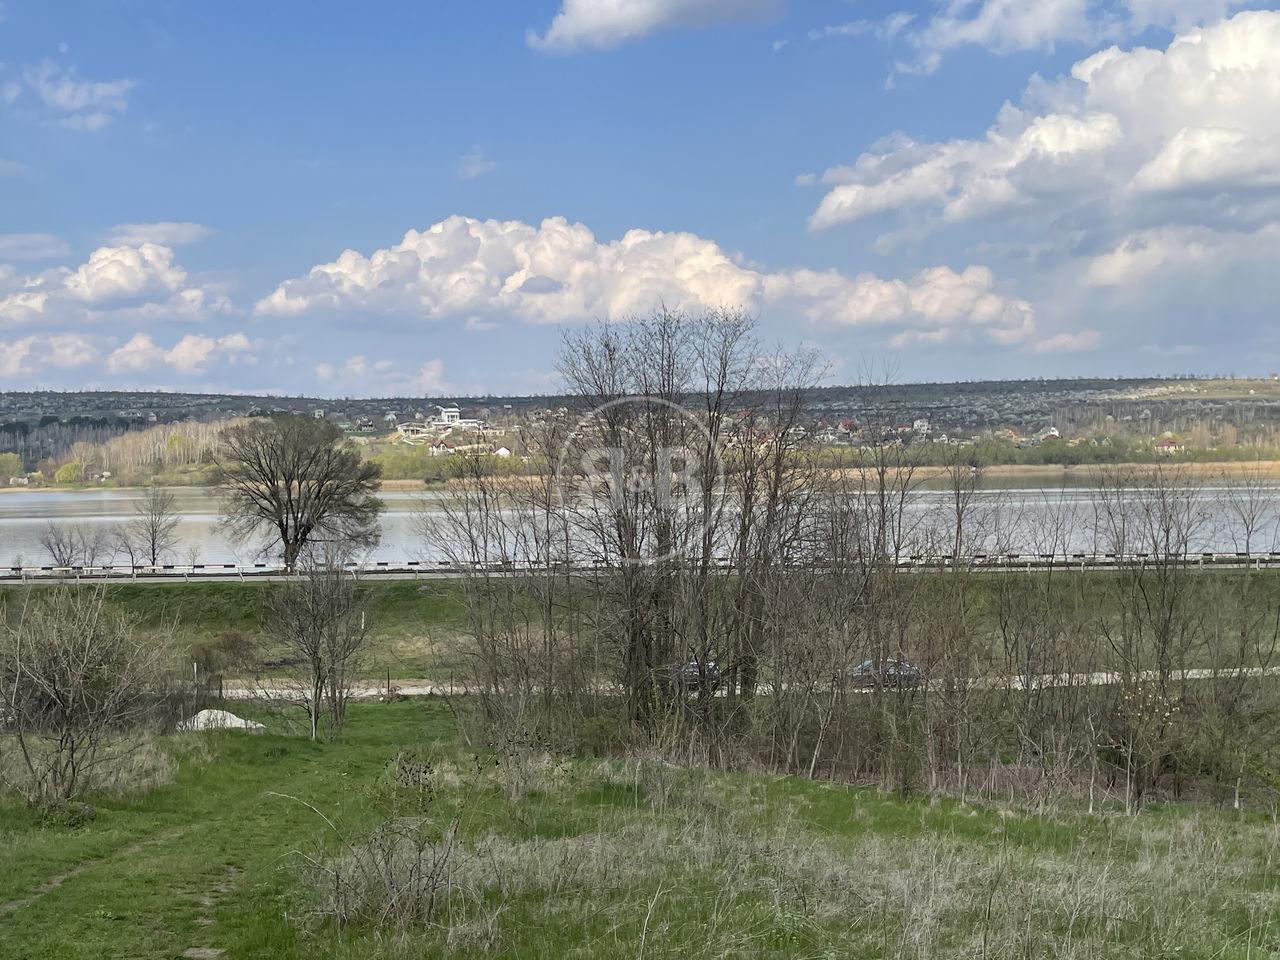 Se vinde teren pentru construcție 20 ari pentru construcție s. Dănceni str. Iazului